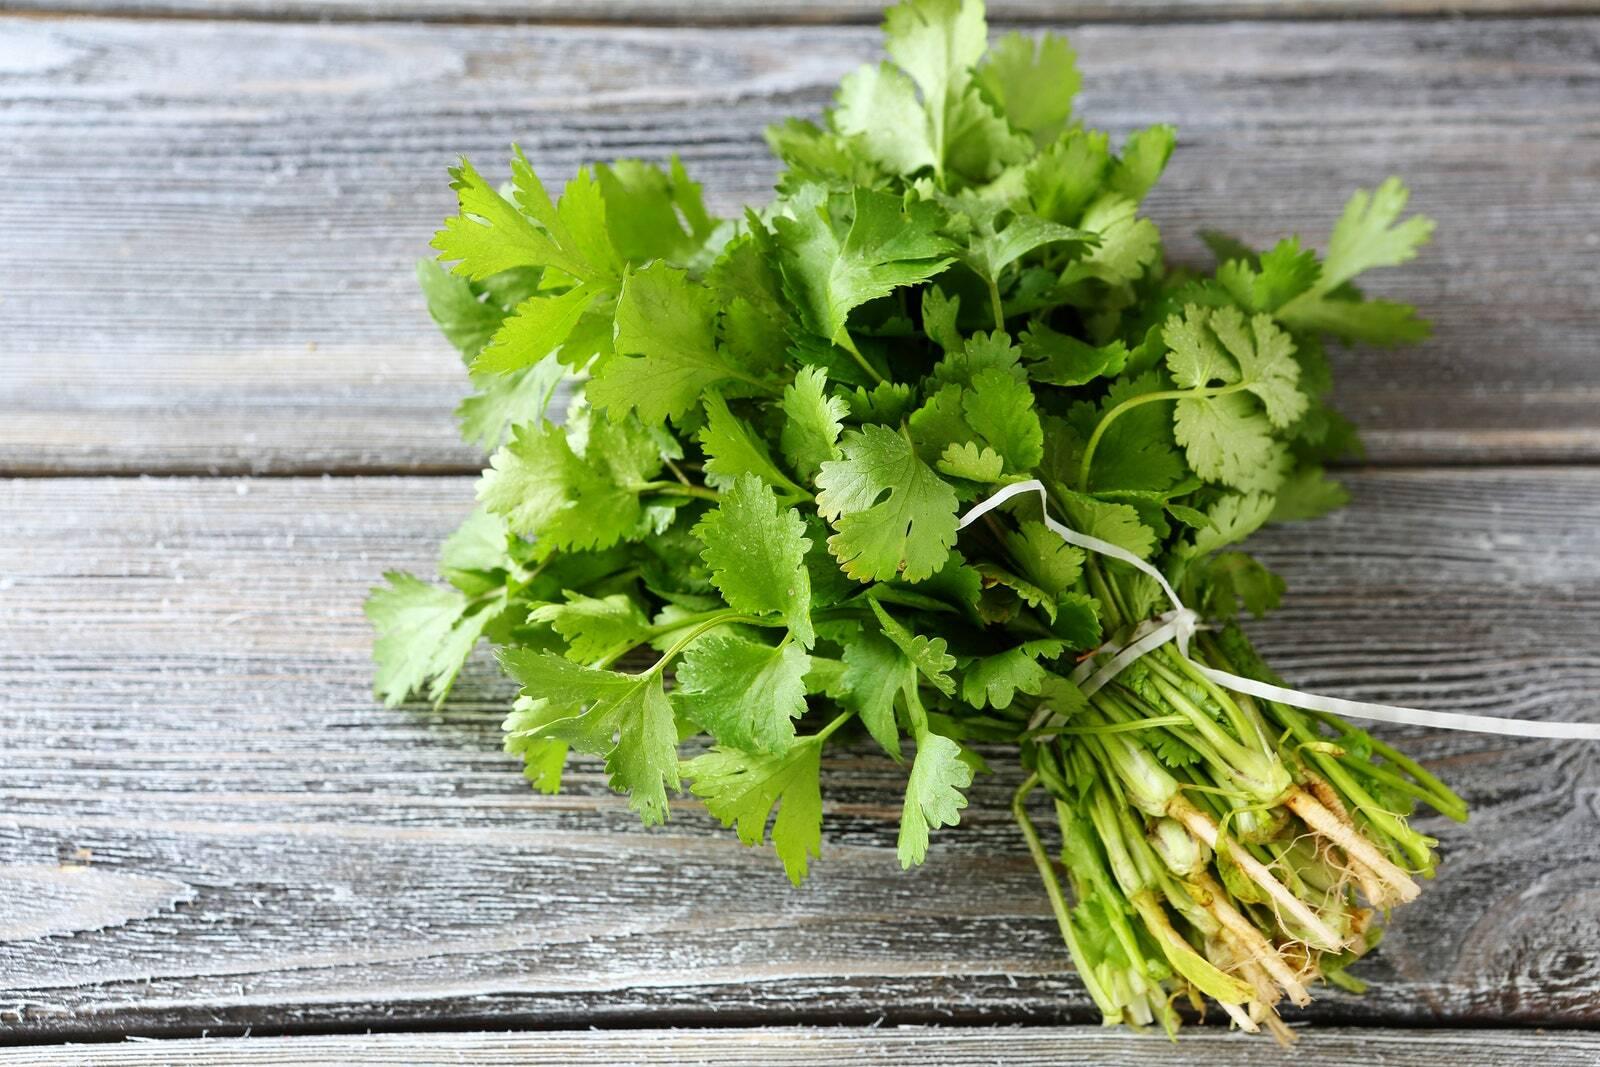 Ngò rí - Loại rau thơm khá phổ biến tại nước ta